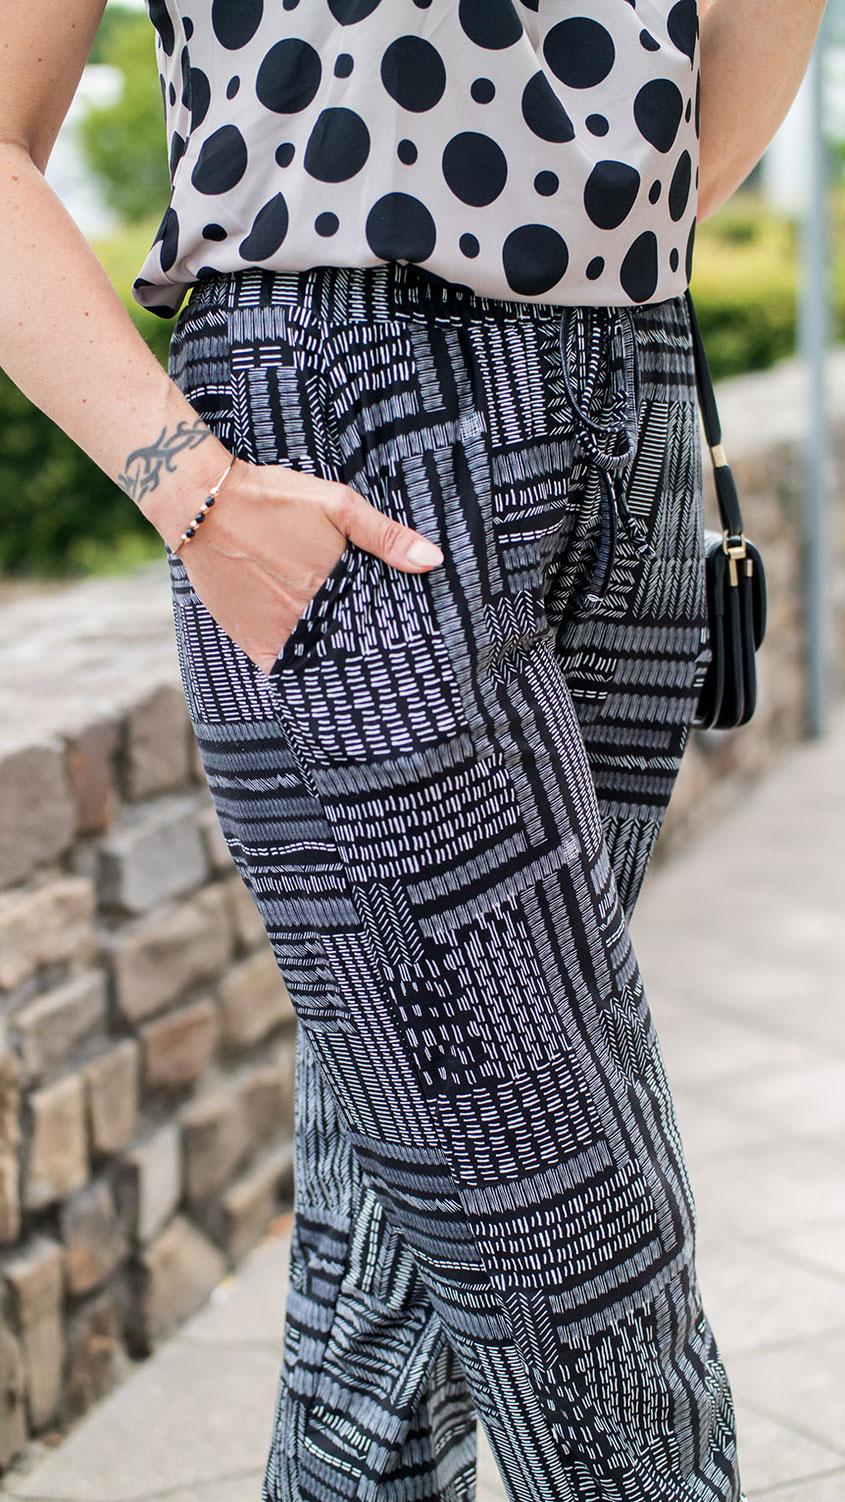 So stylst du Muster stilvoll miteinander: Obwohl ich in der Vergangenheit nicht unbedingt ein Fan von wilden Mustermixen war, habe ich das Thema für Euch einmal etwas klassisch umgesetzt | Hot Port Life & Style | Mode & Style Blog für Frauen um die 30